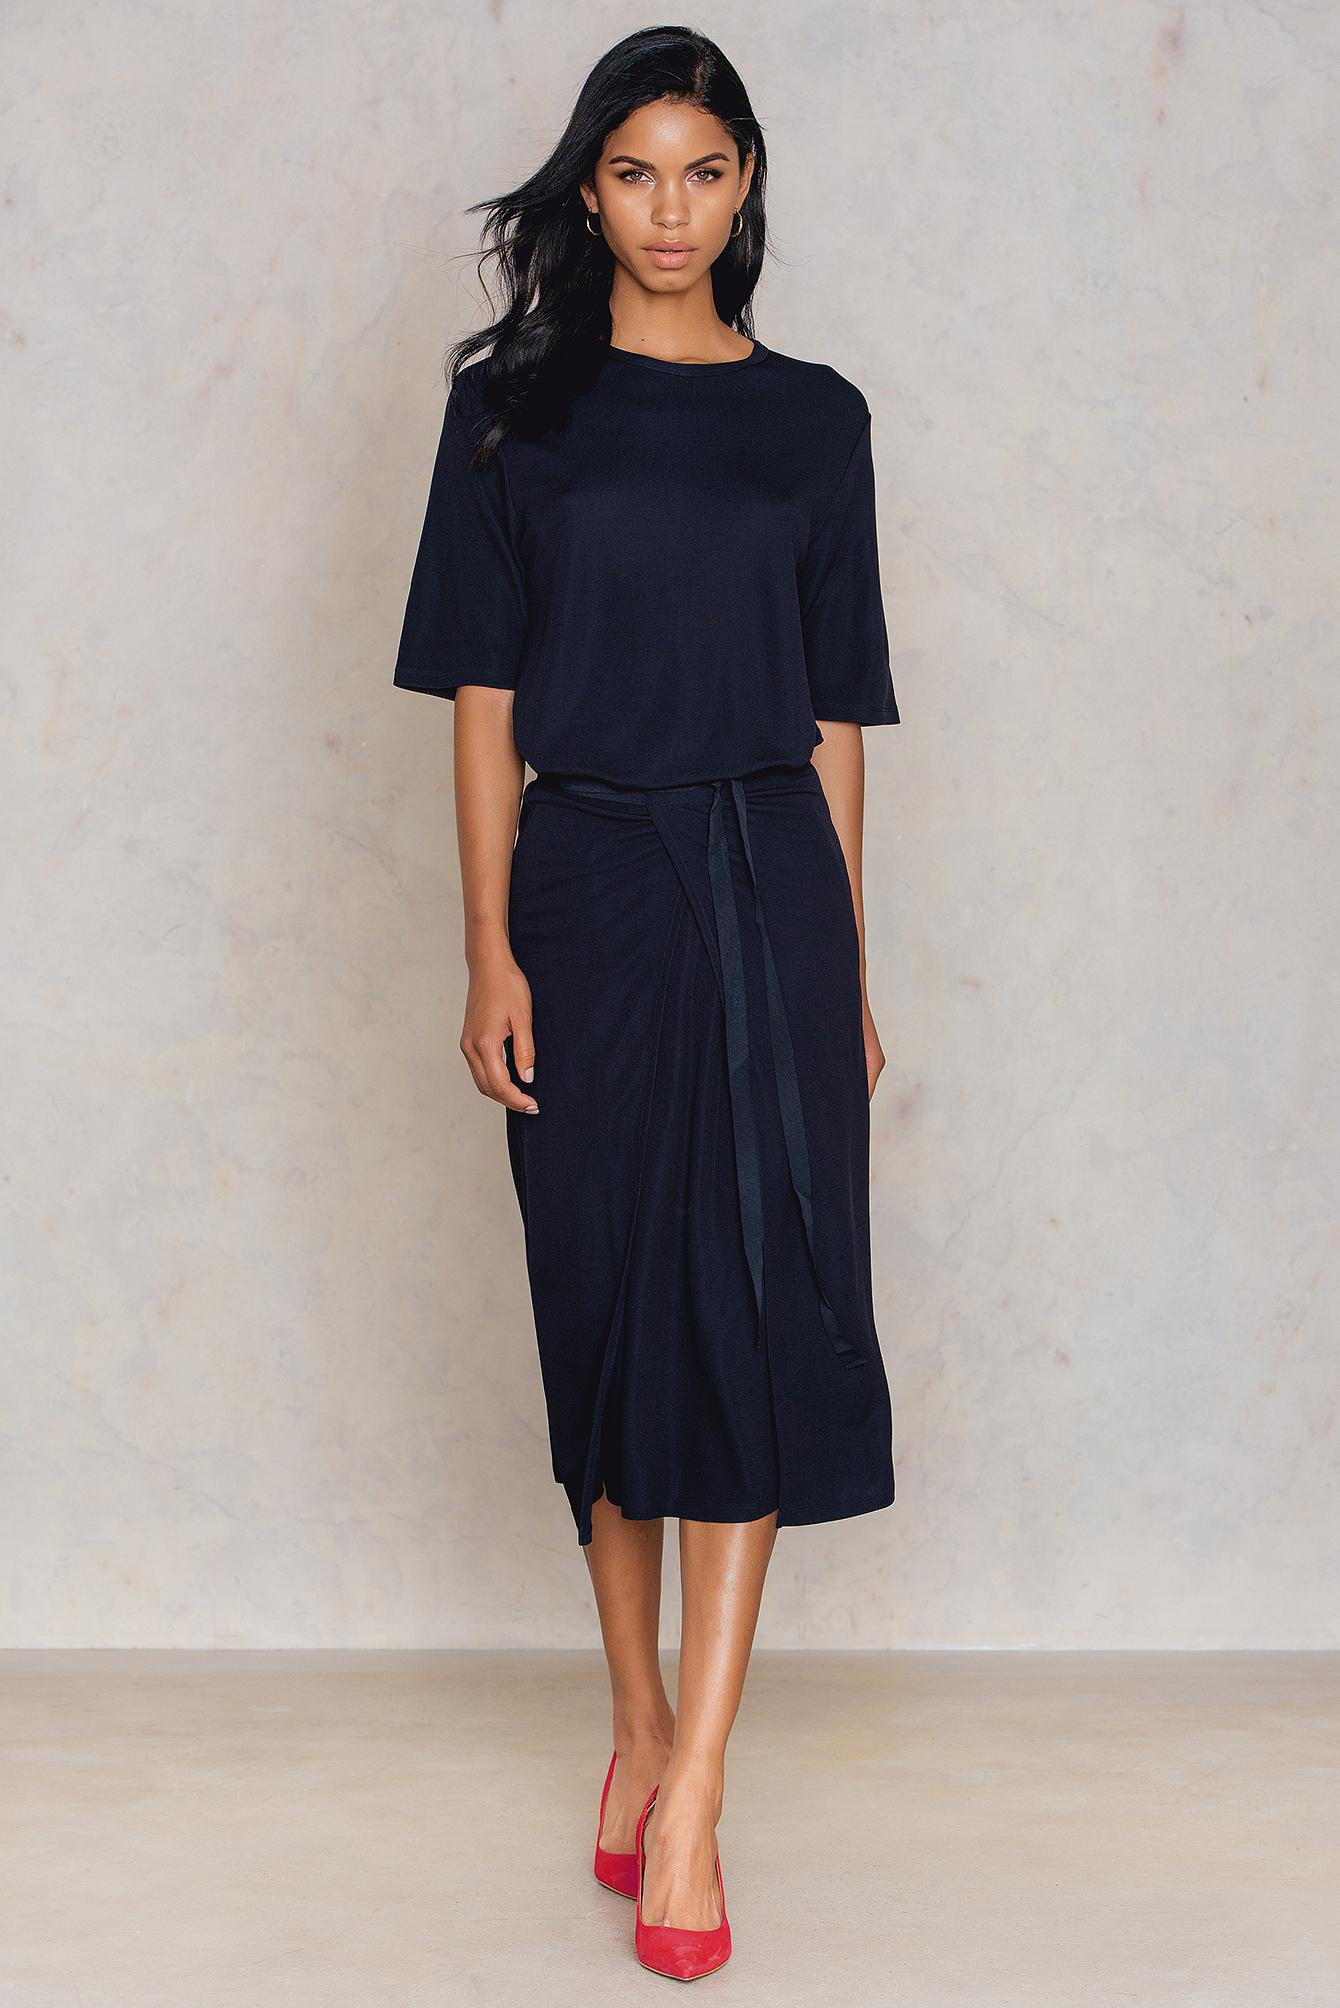 K Double Dress Filippa Jersey Blue Lyst Wrap In lFK3JT1c